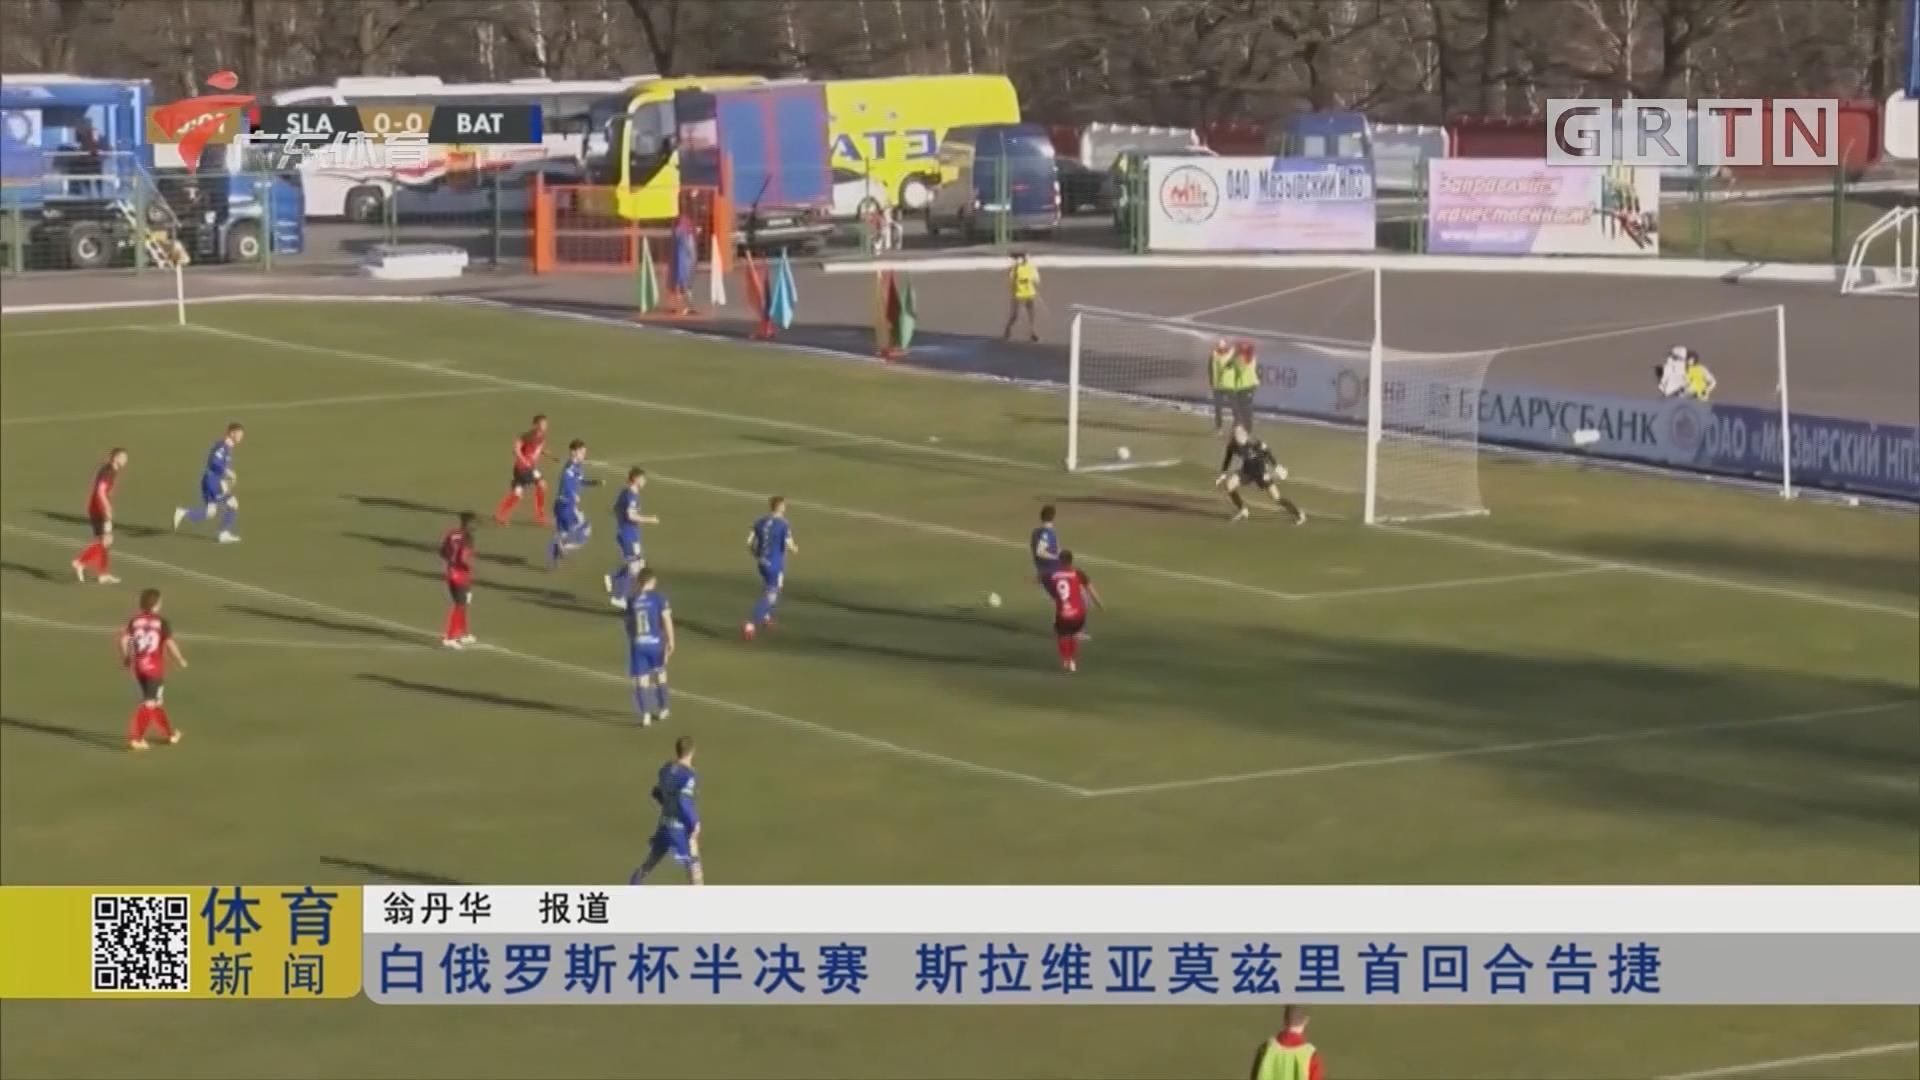 白俄罗斯杯半决赛 斯拉维亚莫兹里首回合告捷